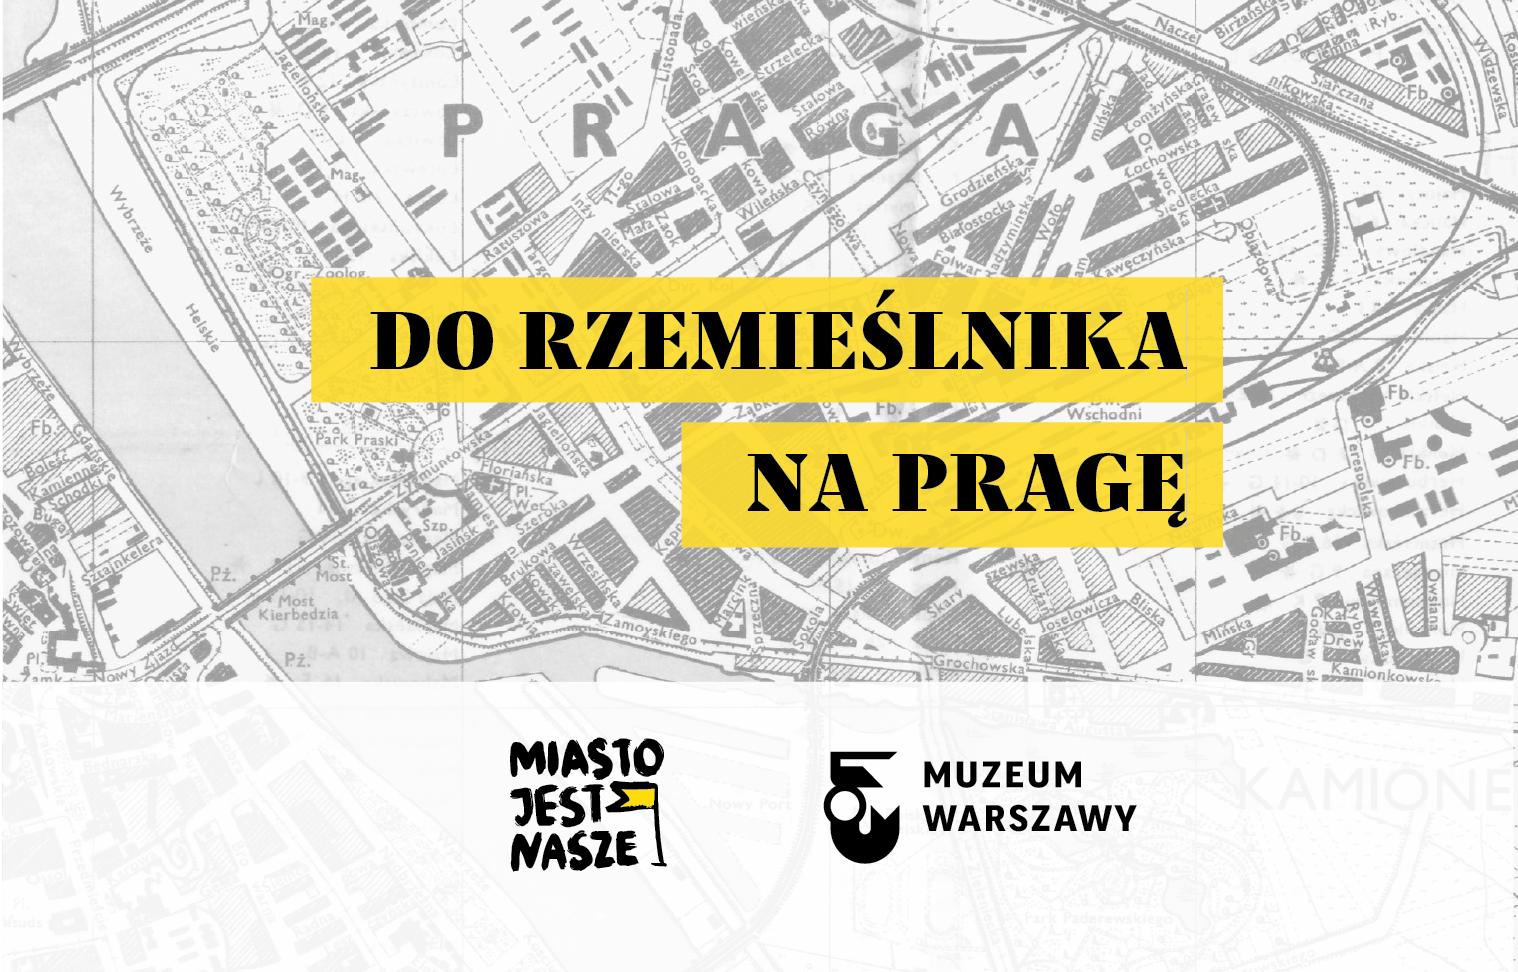 """""""Do rzemieślnika, naPragę"""" – premiera zaktualizowanej mapy rzemieślników Pragi Północ"""